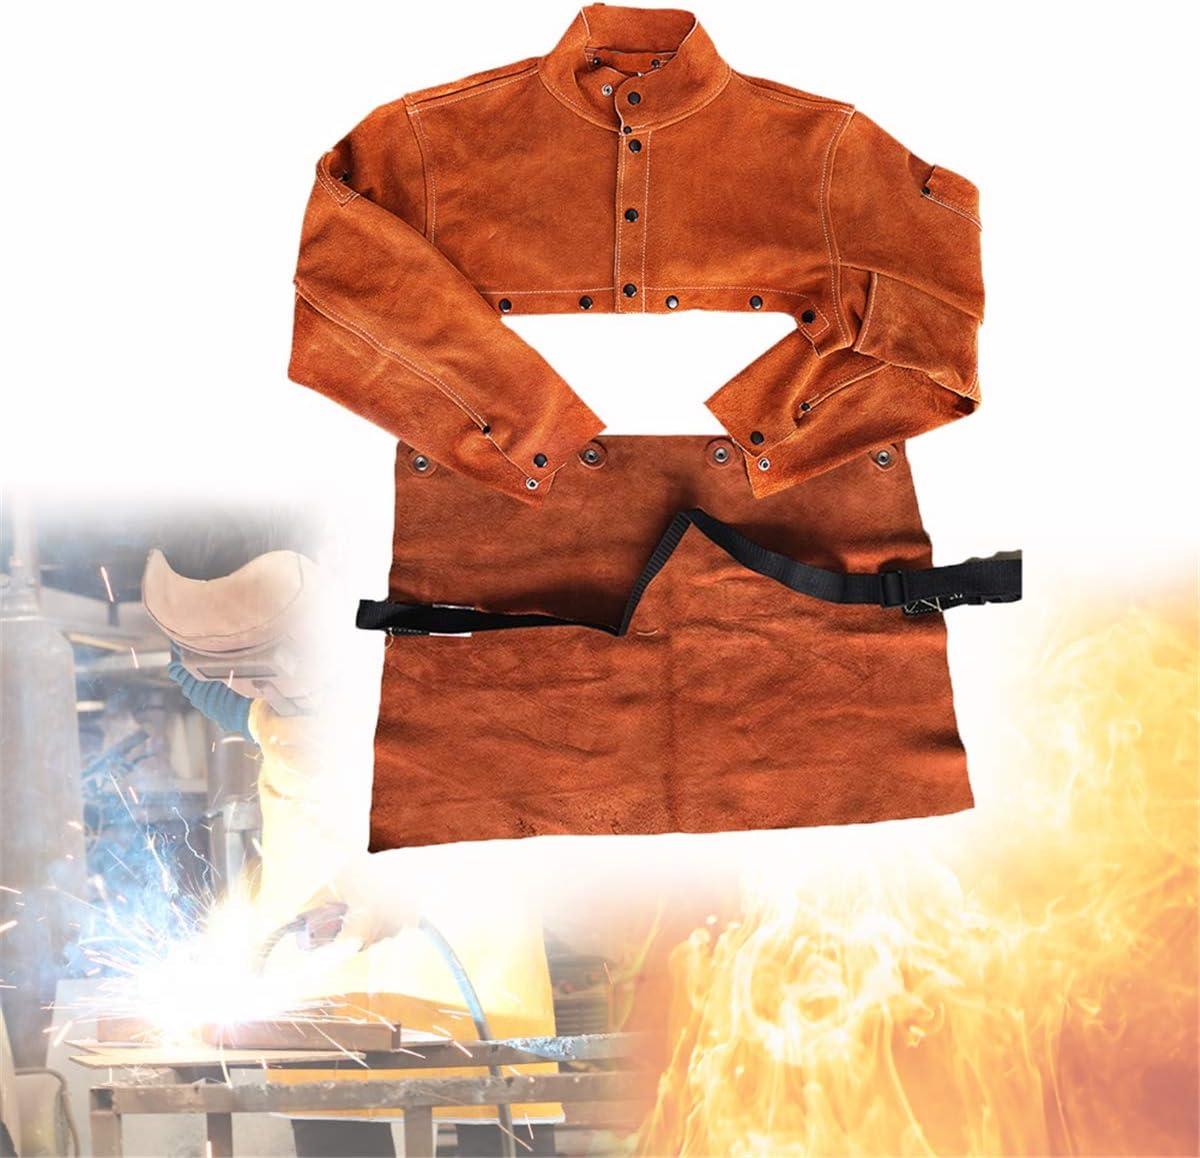 Schwei/ßEn-Bekleidung Jacke Und Arbeitskleidung Schwei/ßEr Werkstatt Haltbares Einsatz In Industrie Dekoration Unisex,M TBDLG Jacke